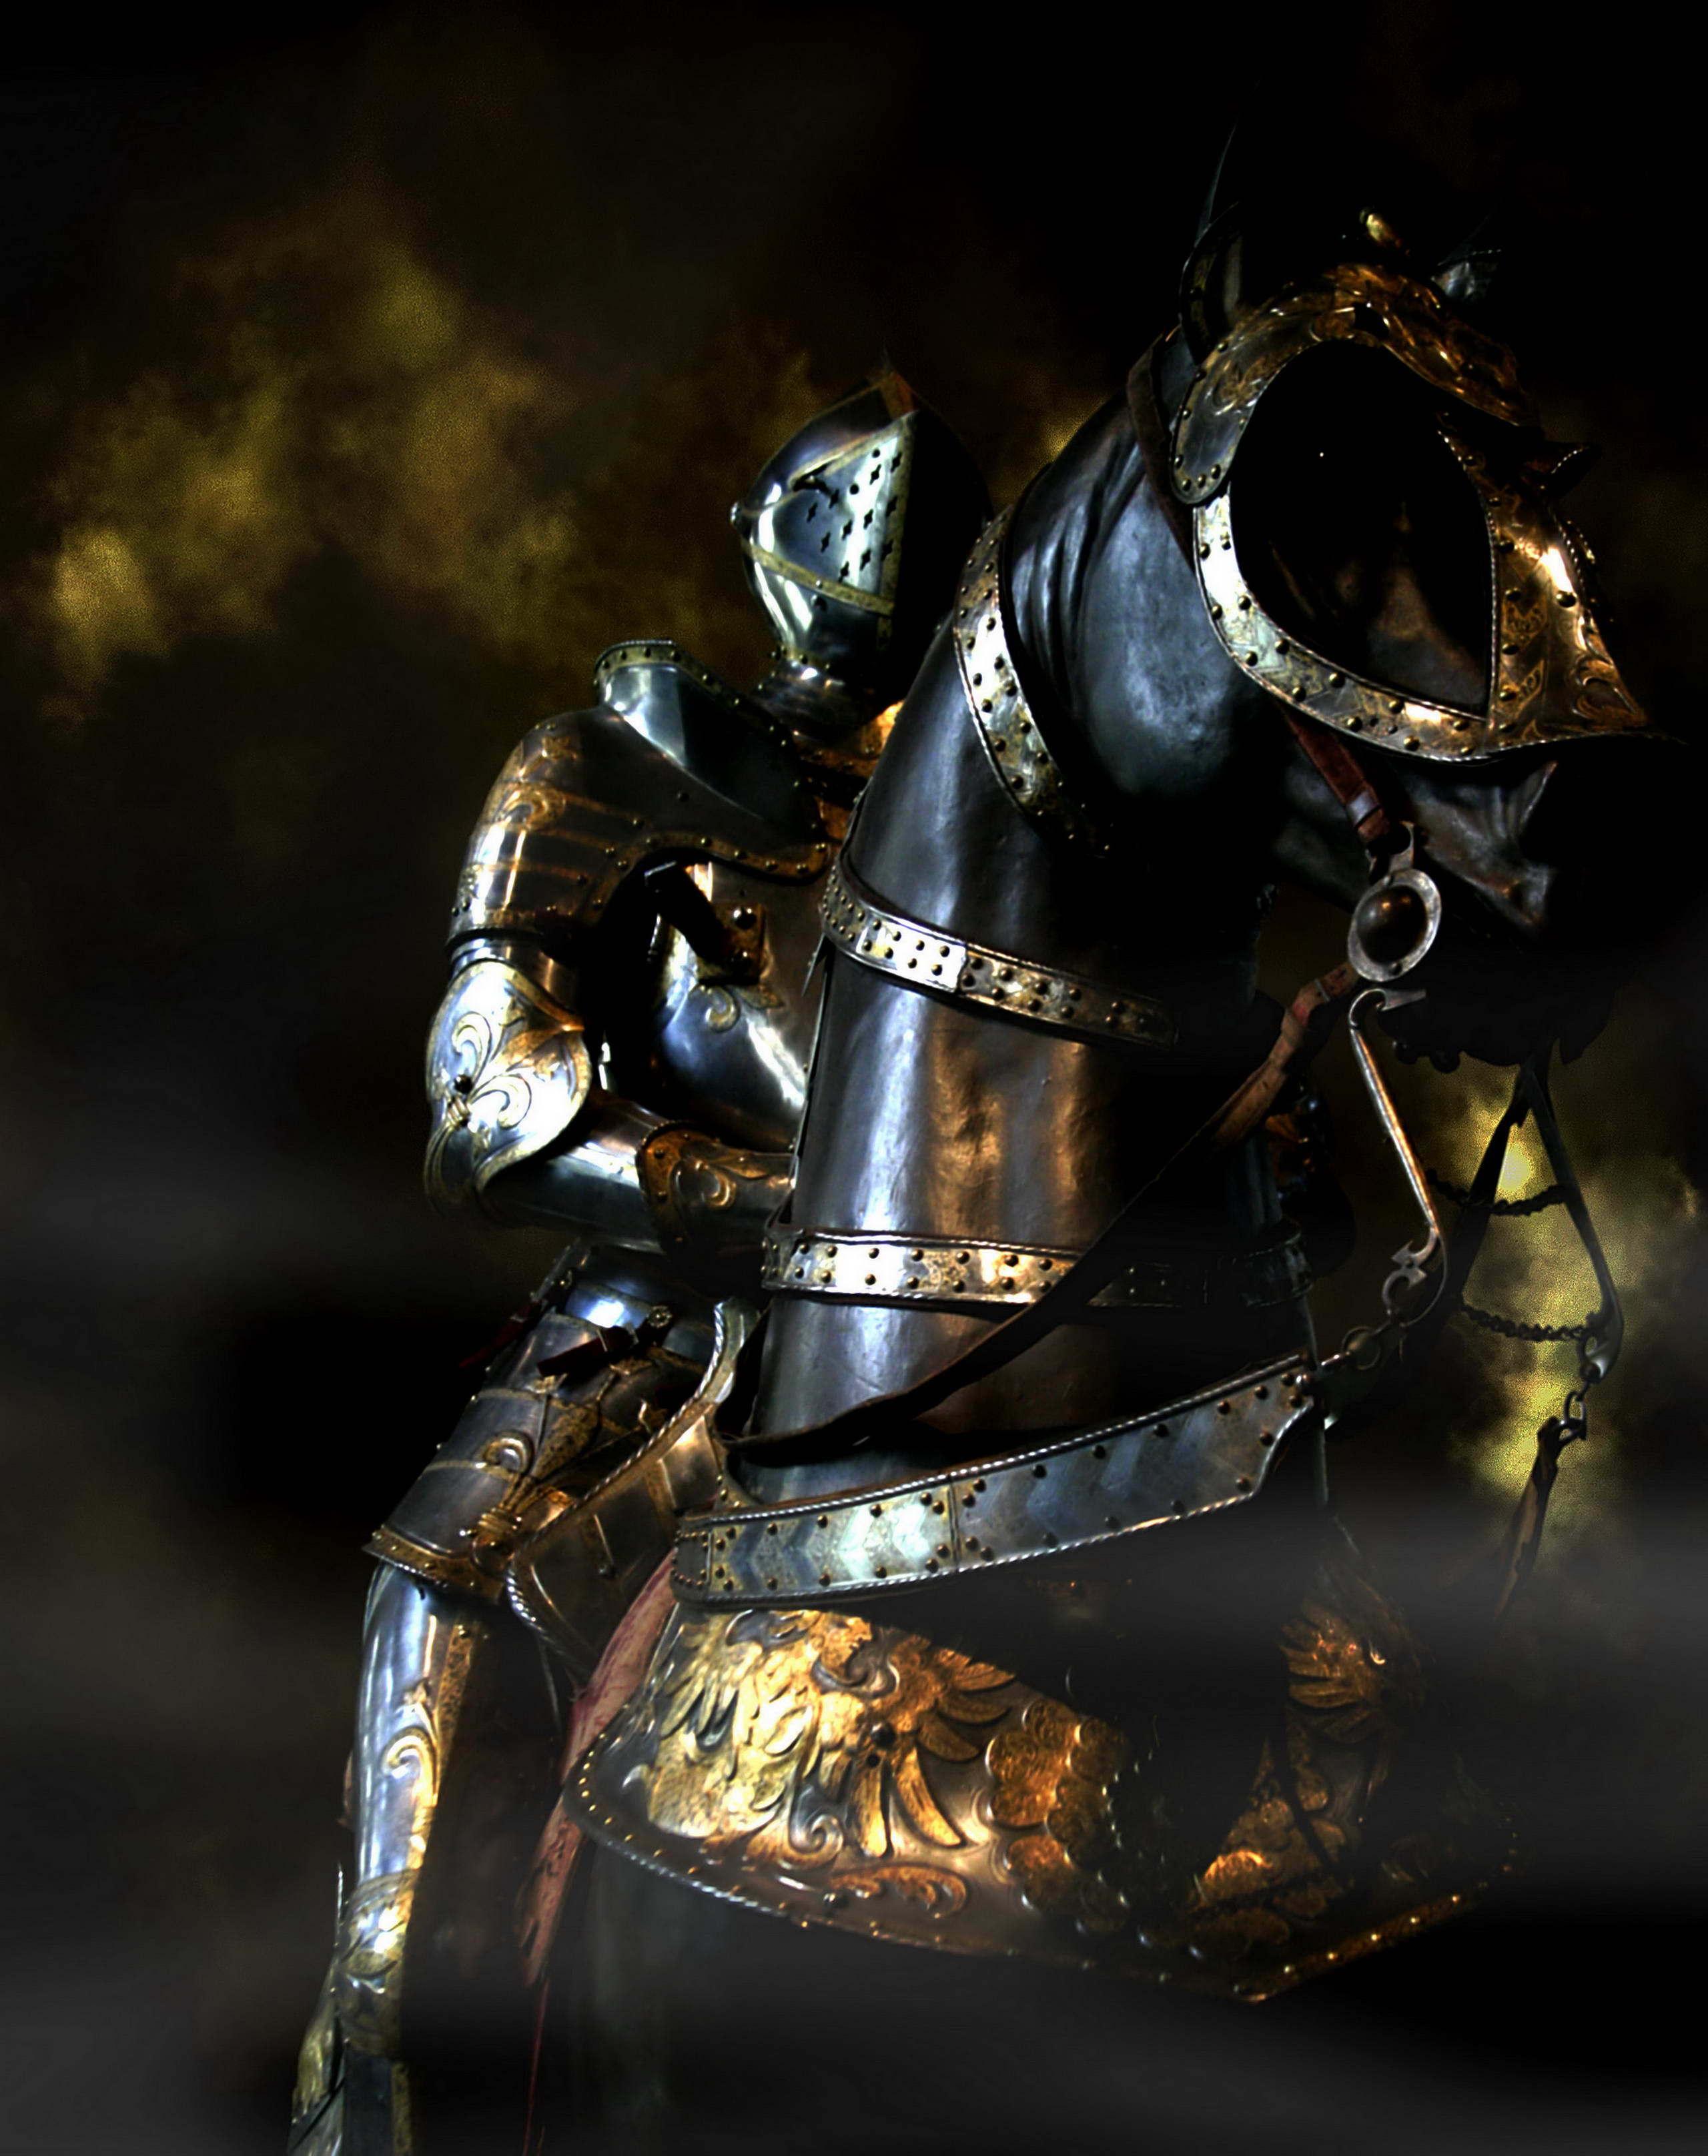 16740 скачать обои Лошади, Рисунки - заставки и картинки бесплатно